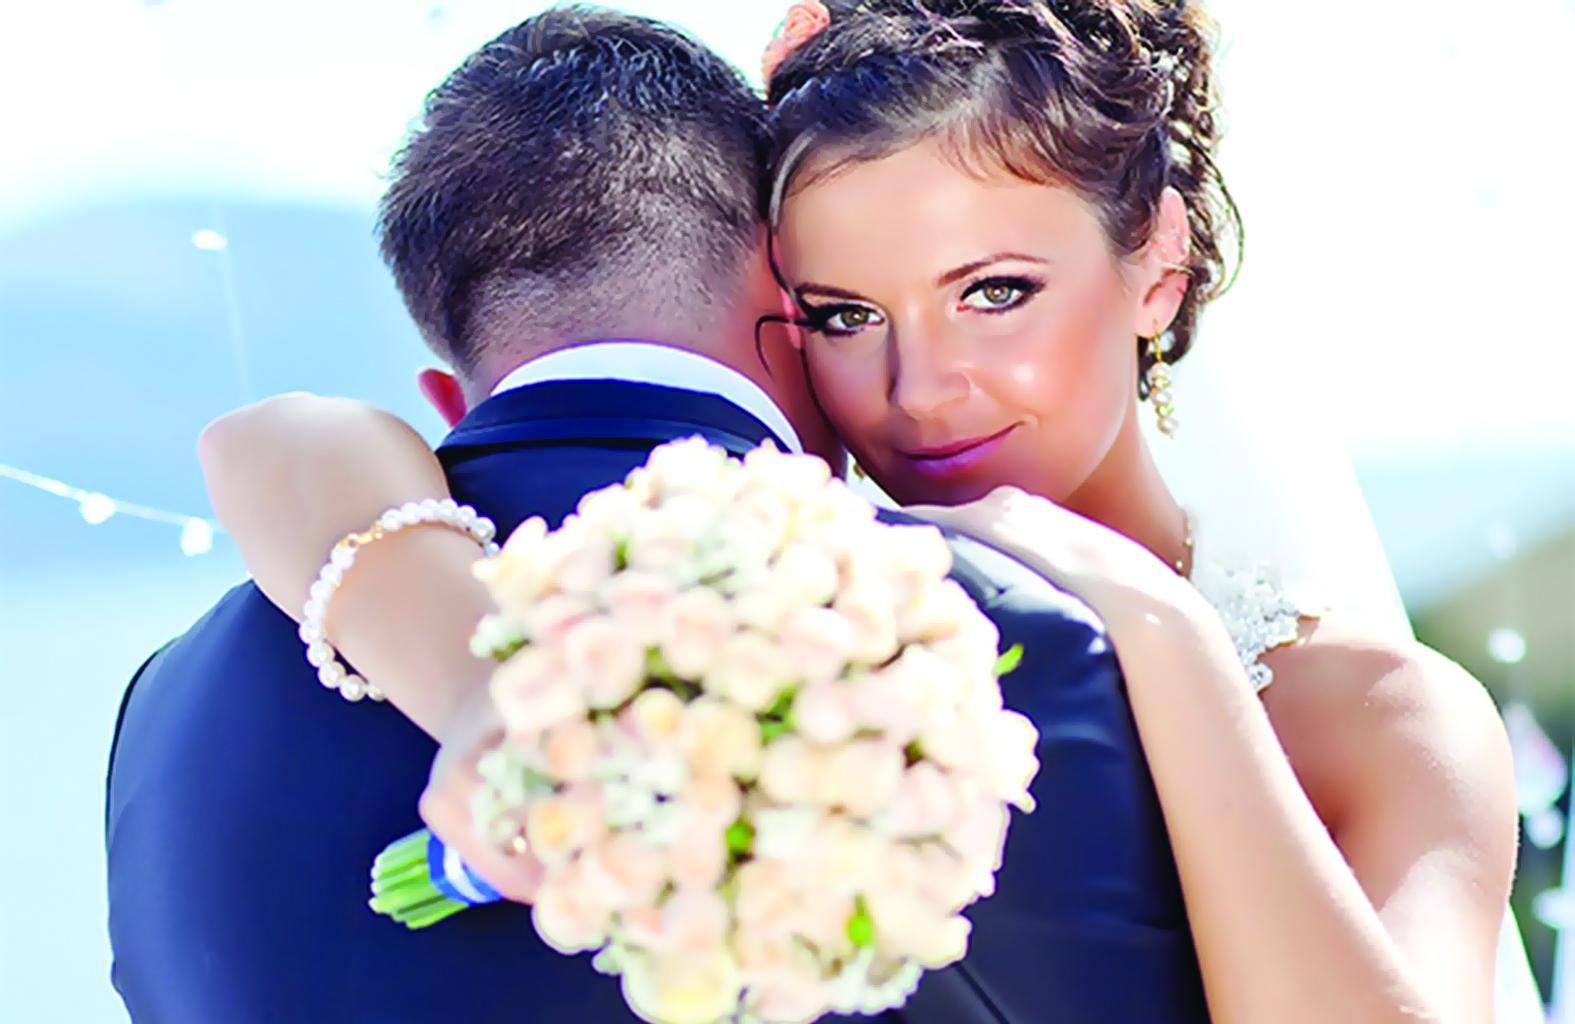 ما علاقة الزواج بكسور الحوض